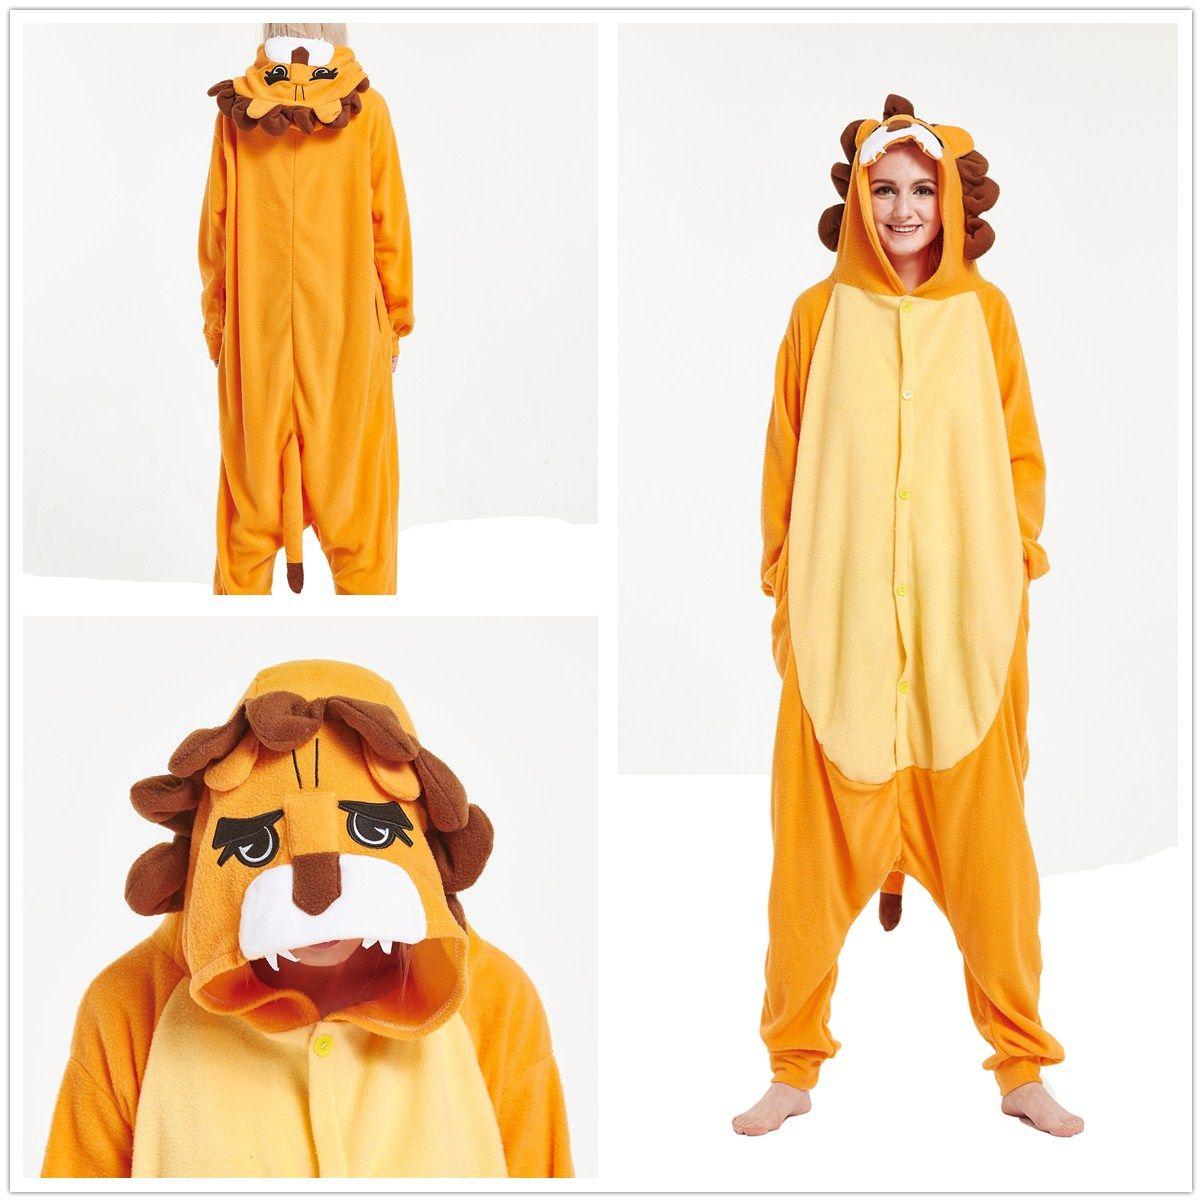 c4f11f173789 Lion Kigurumi Onesie For Adult Pajama Costume